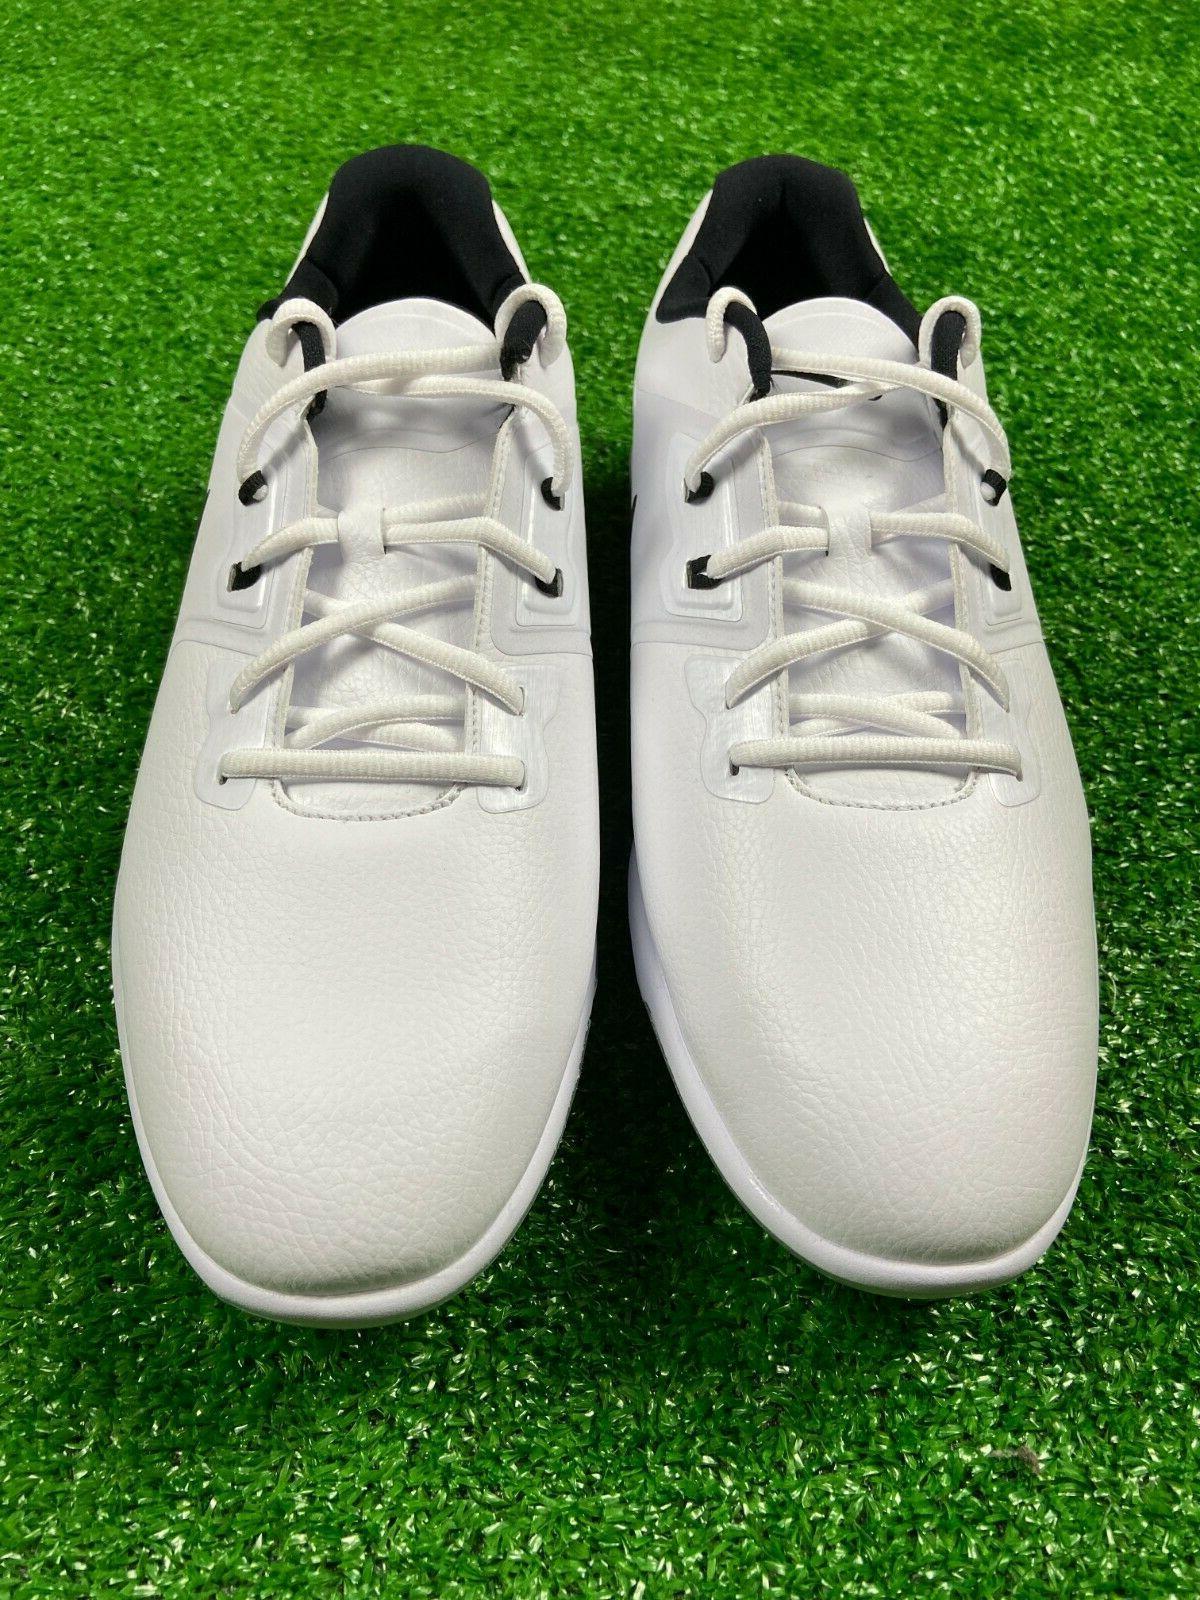 Nike Vapor Pro Golf SZ 11 |